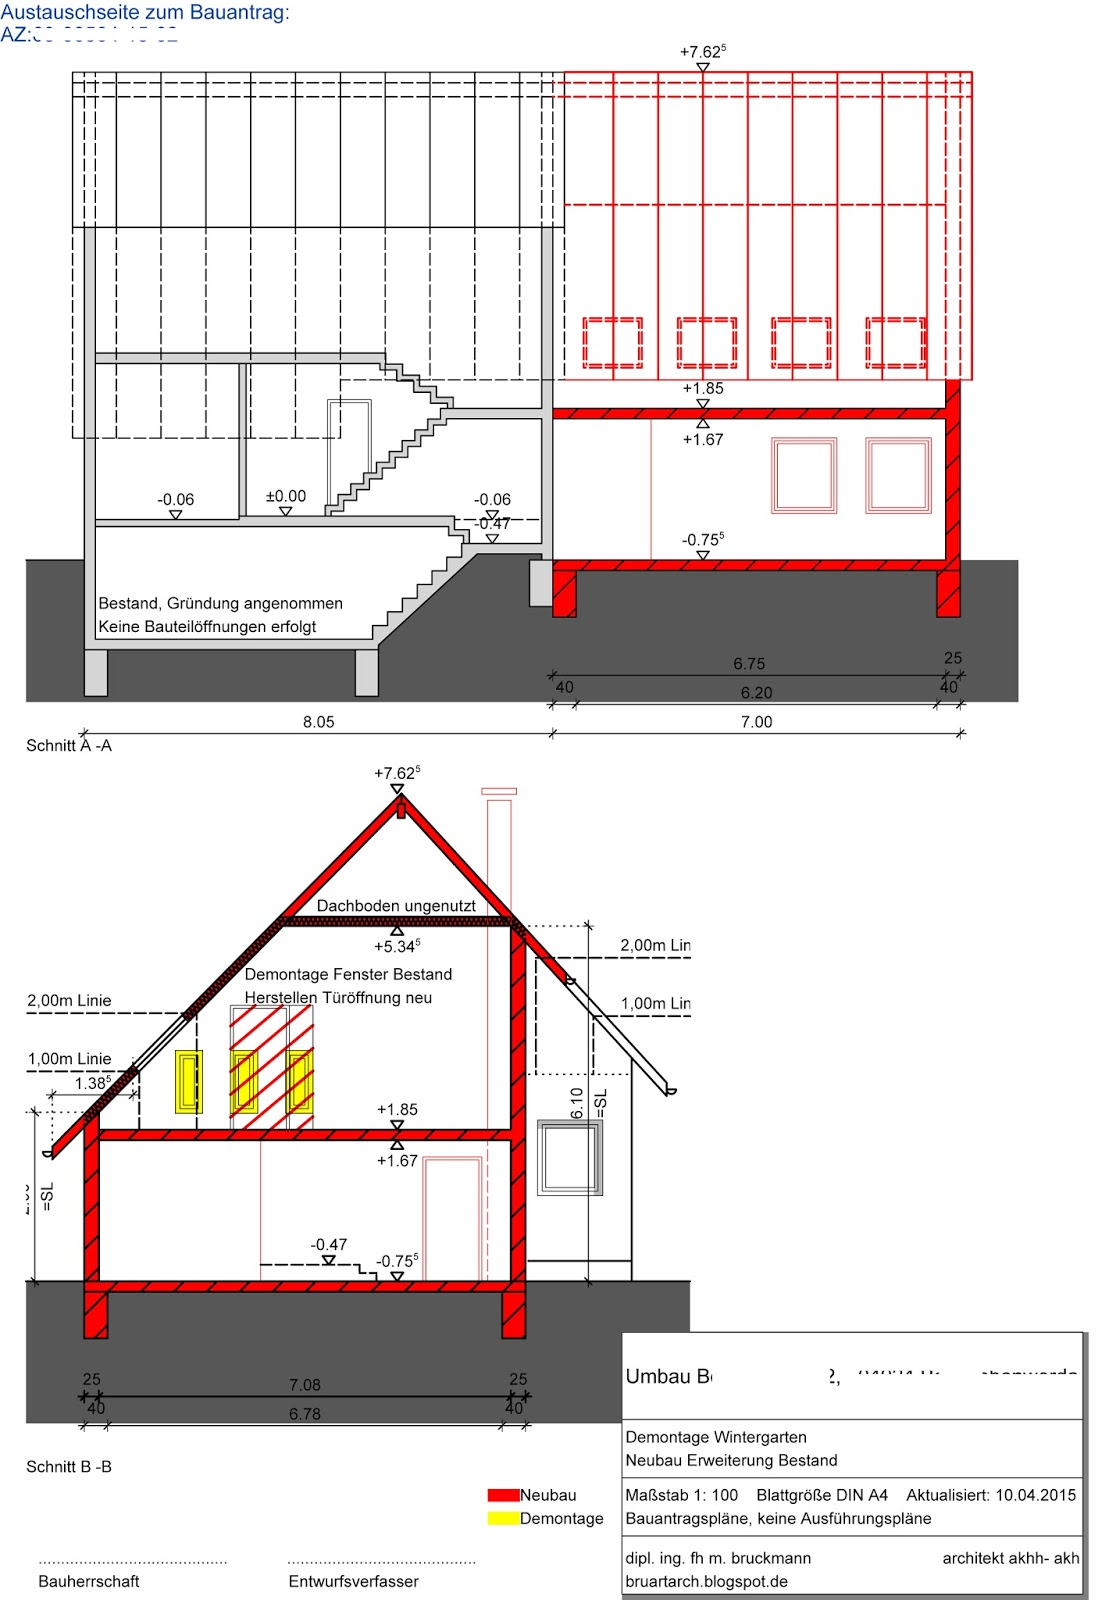 architektur kreativit t kunst bauantrag abbruch. Black Bedroom Furniture Sets. Home Design Ideas